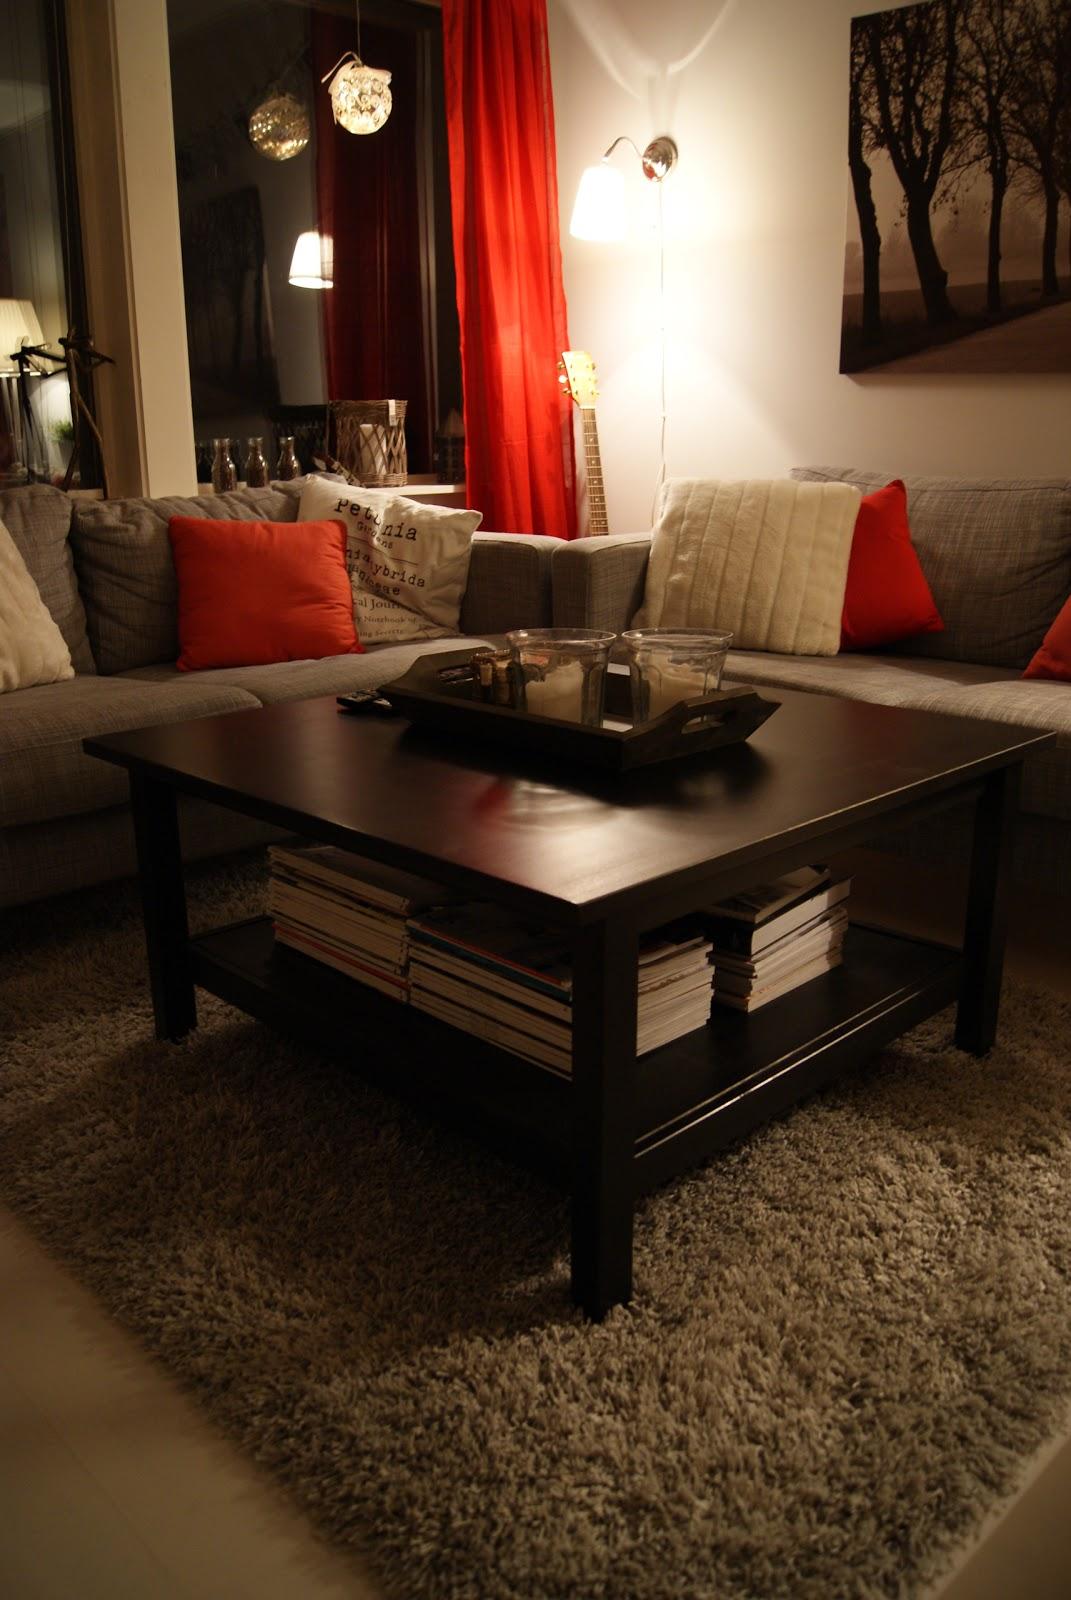 Oppdatert Fru Hansens verden: Nytt sofabord og teppe - og litt mer jul NQ-02